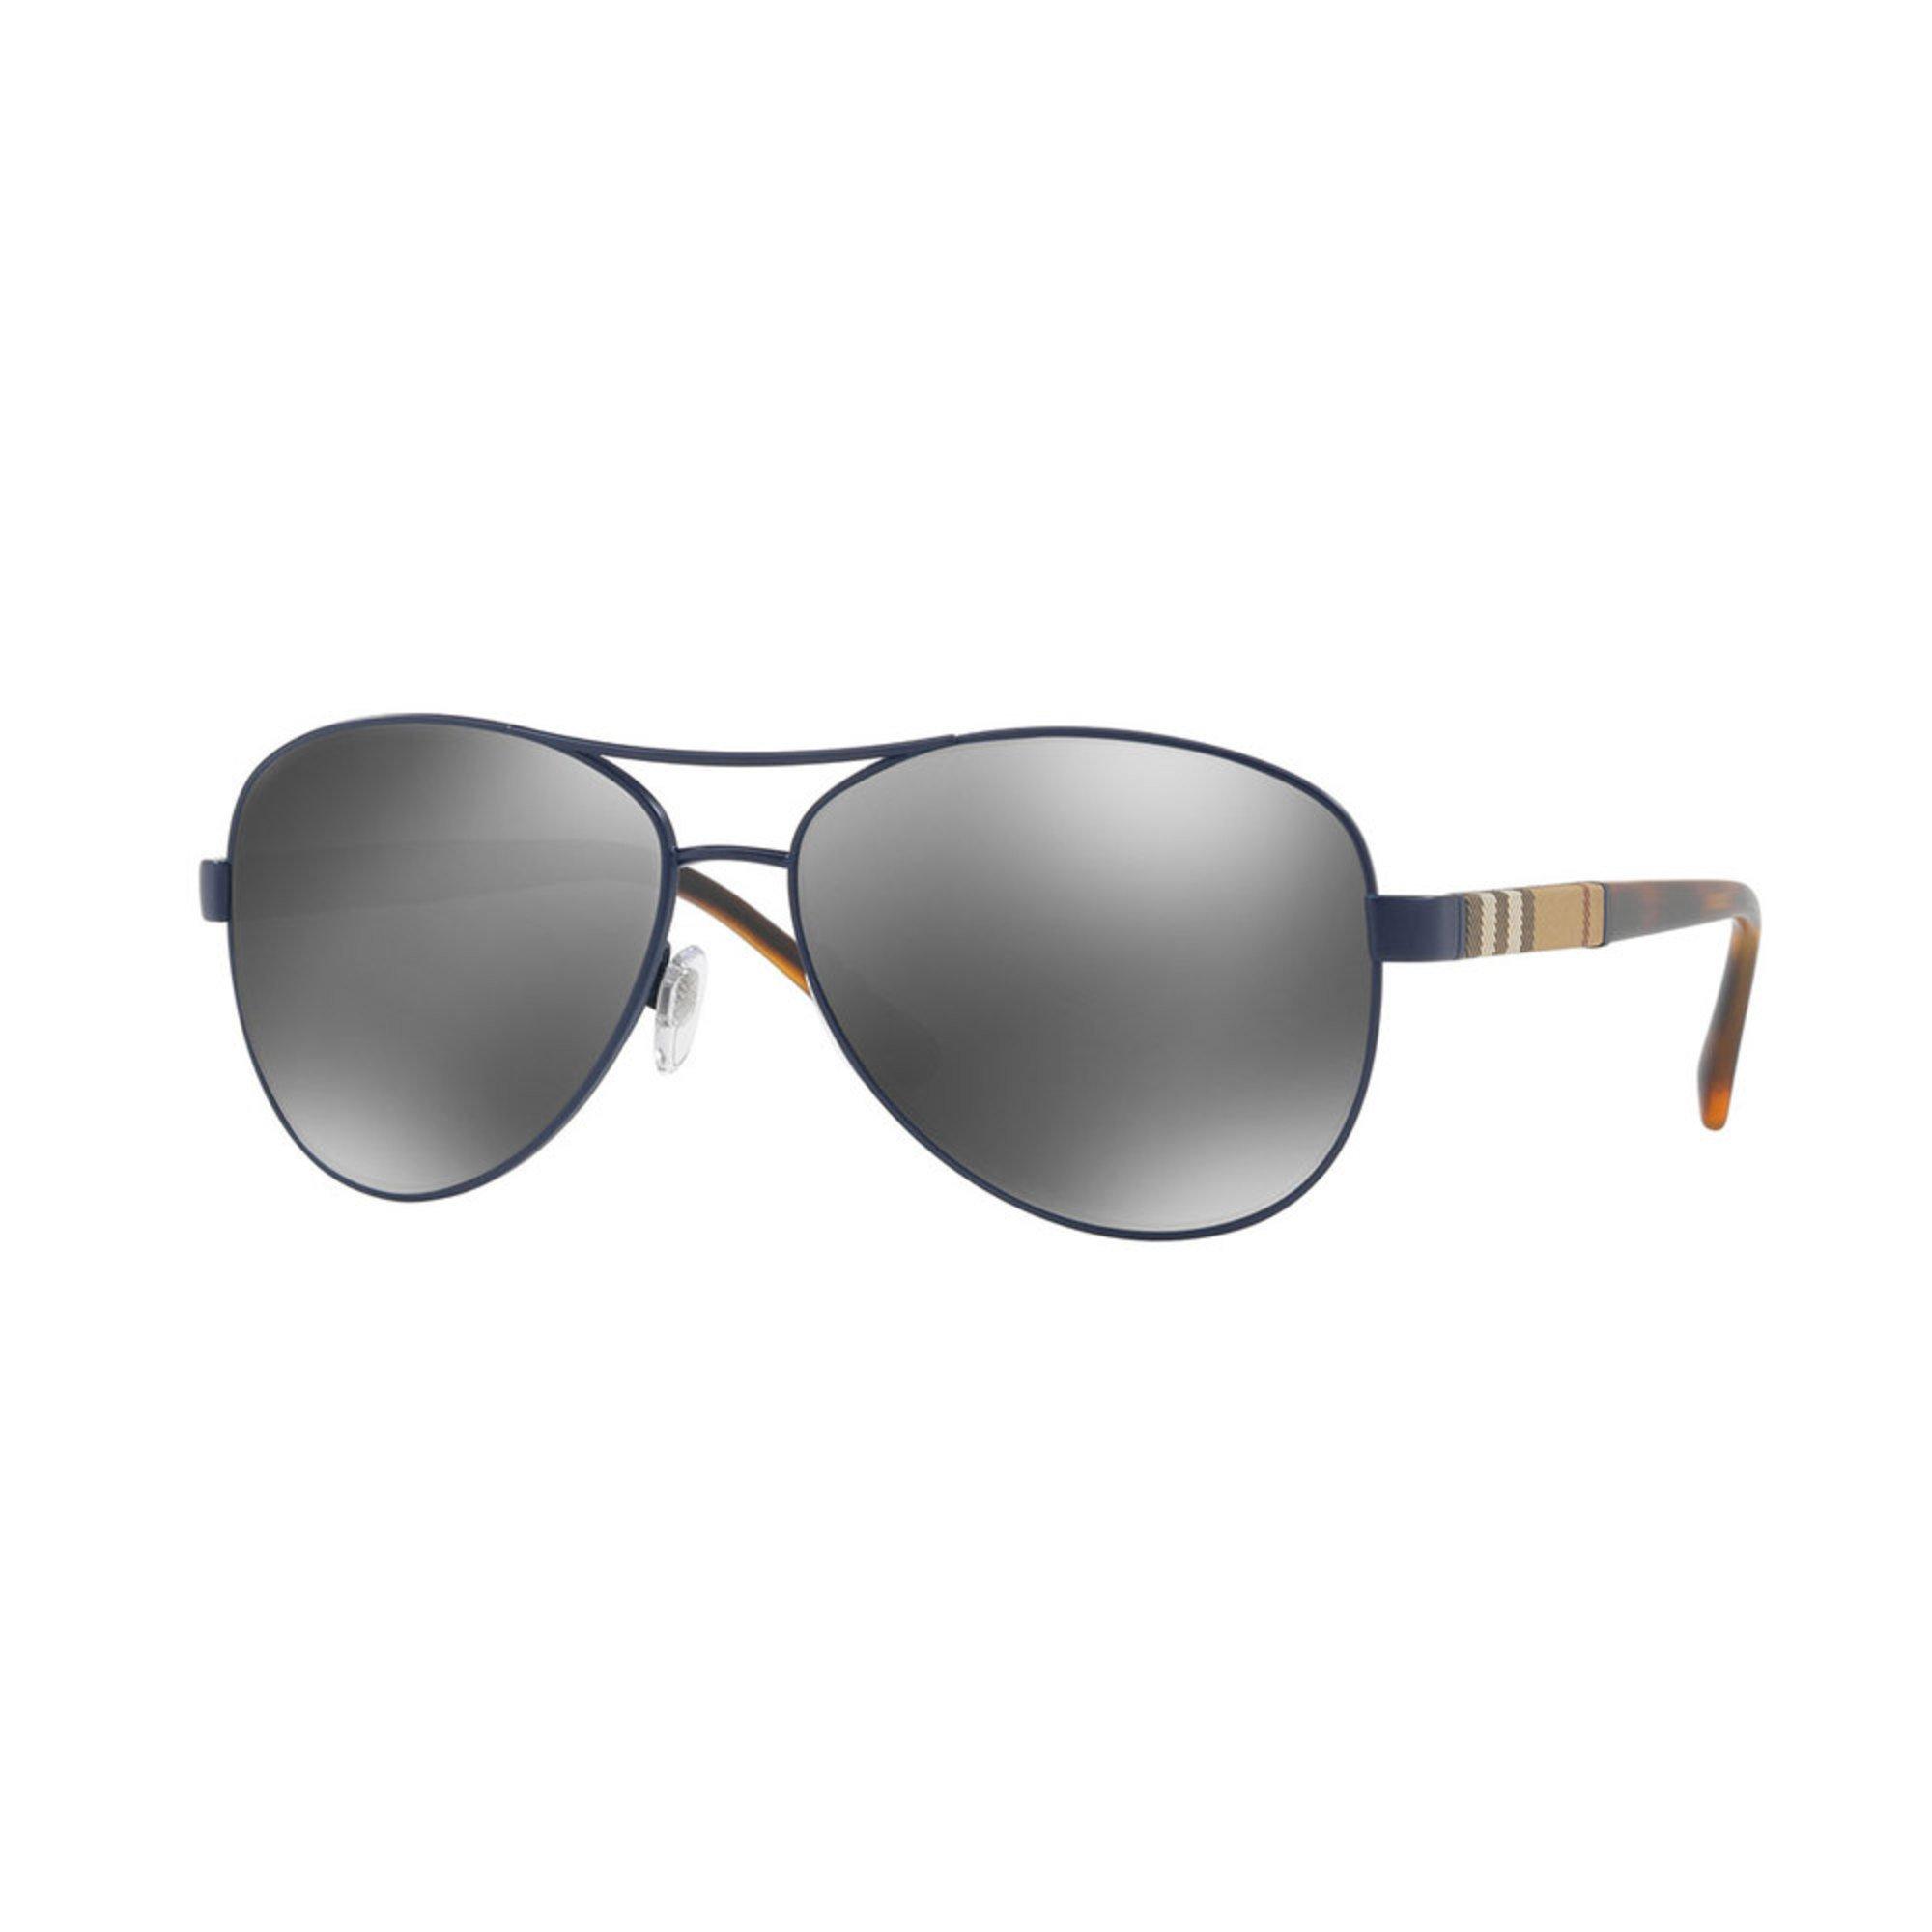 bef3e7fad916 Burberry. Burberry Women s Aviator Sunglasses